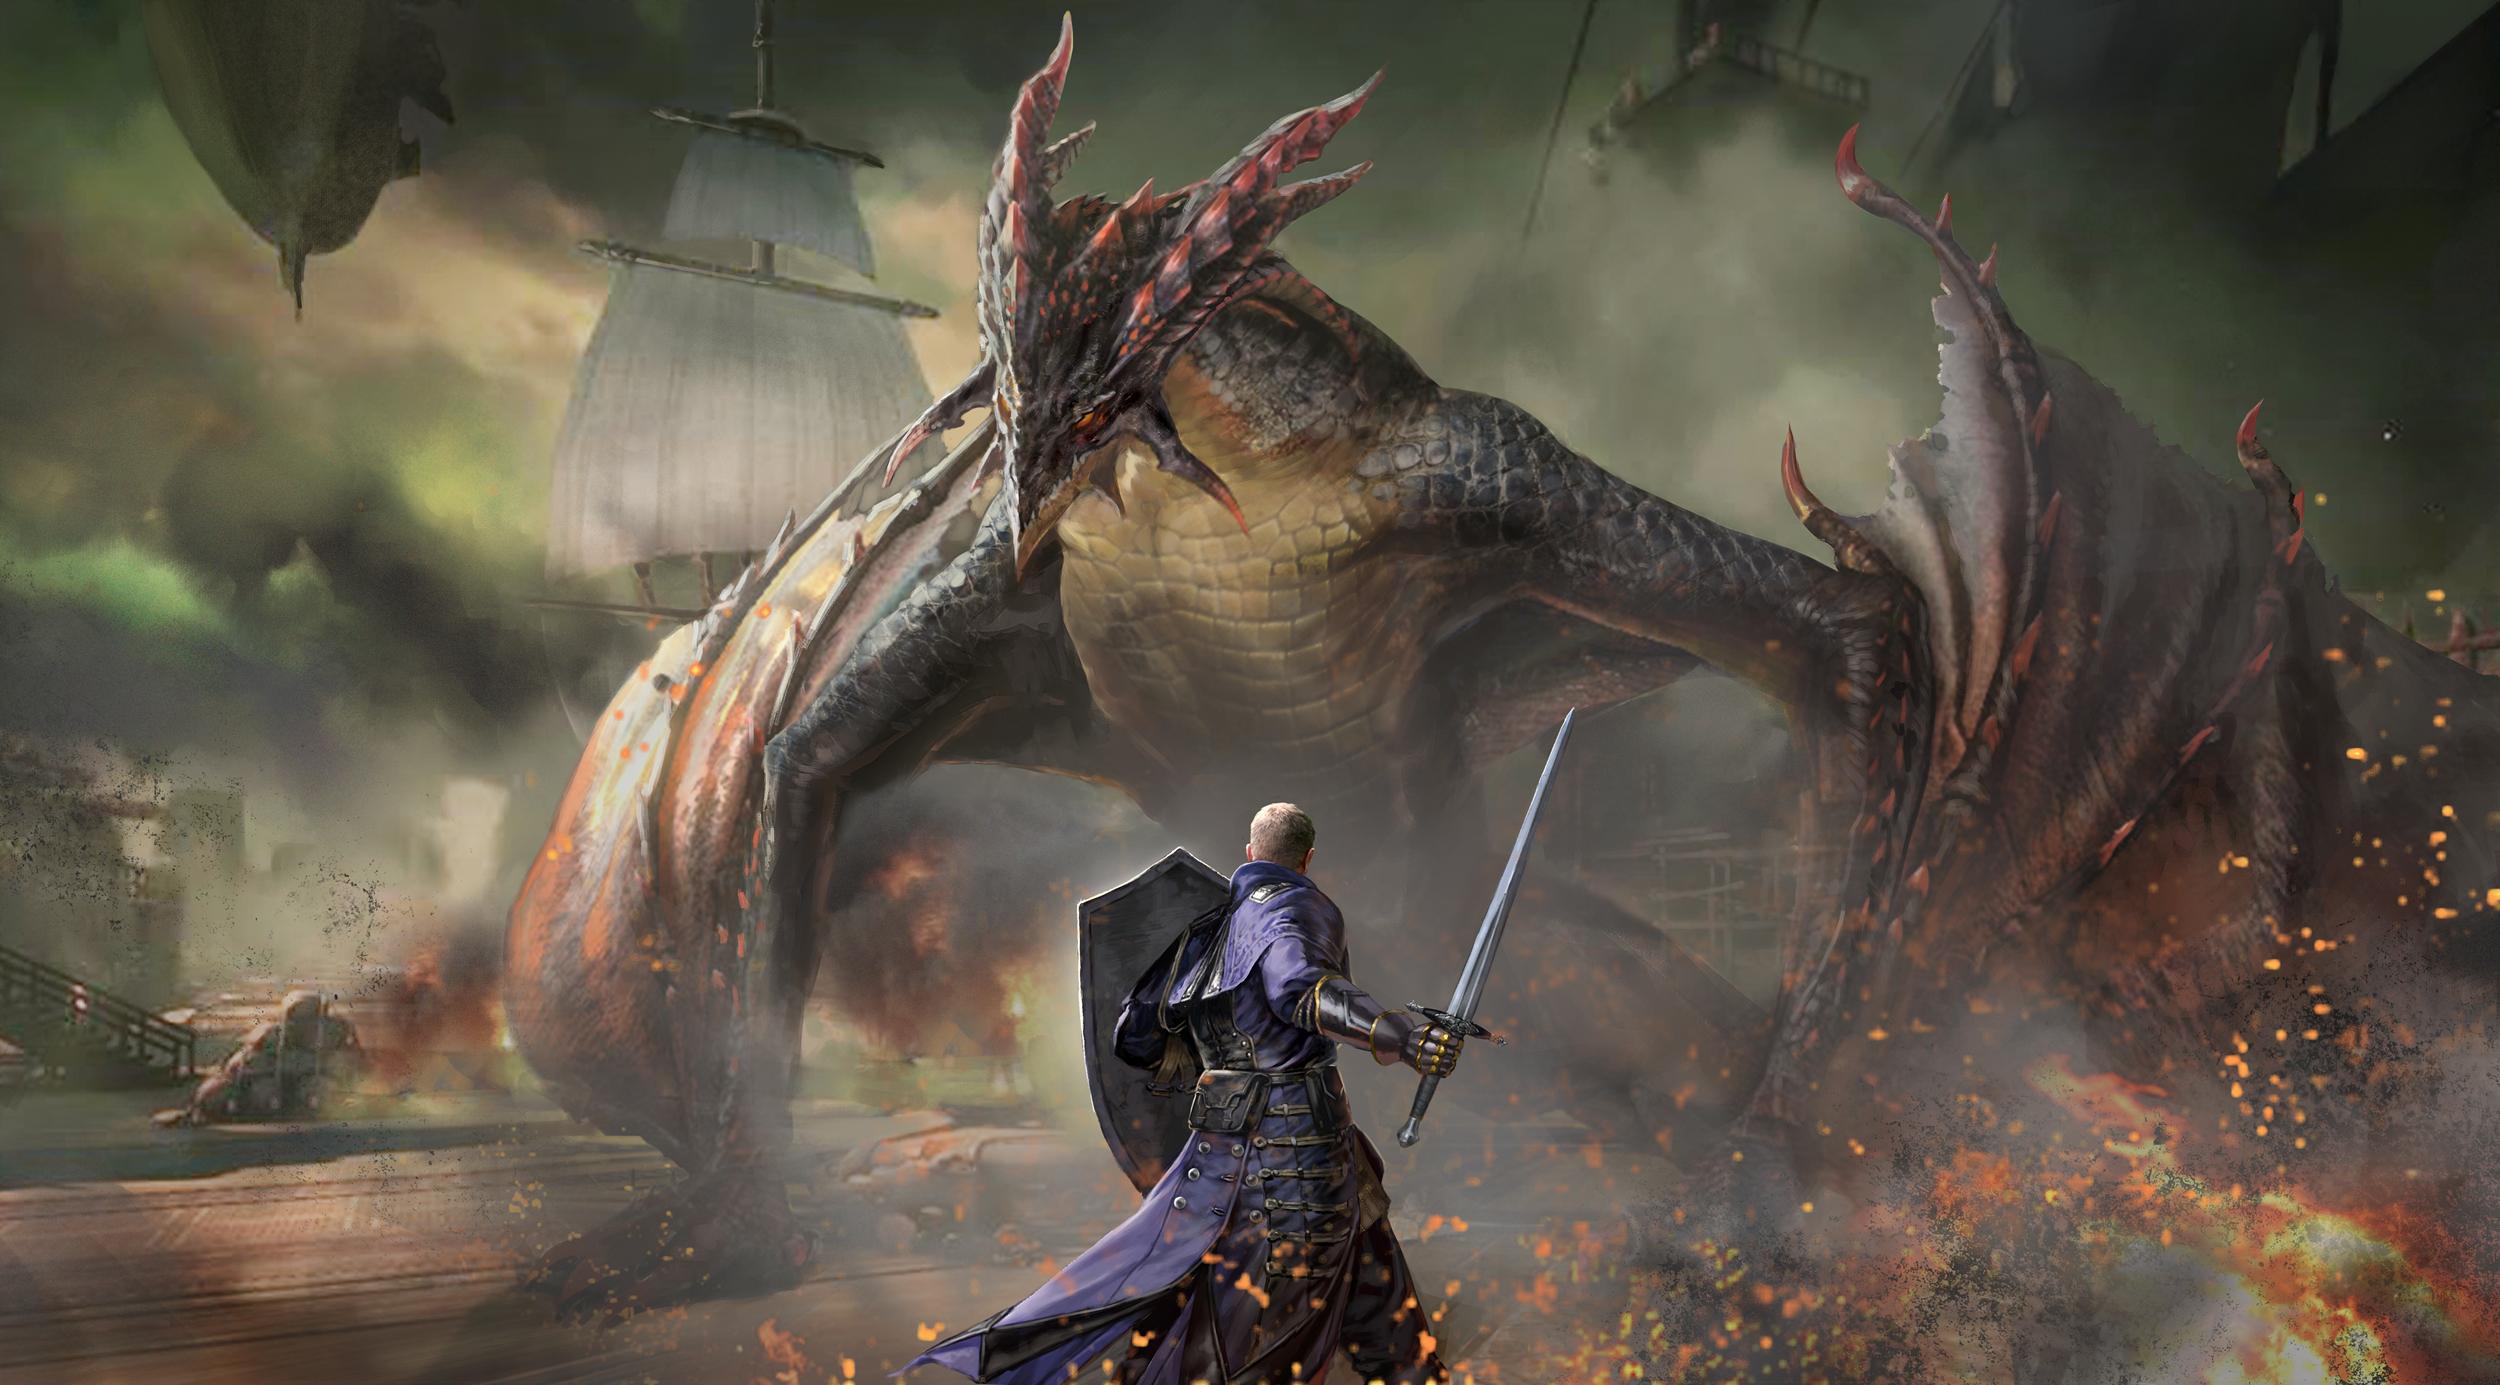 Autoři PUBG chystají novou hru, MMORPG Ascent: Infinite Realm 152515